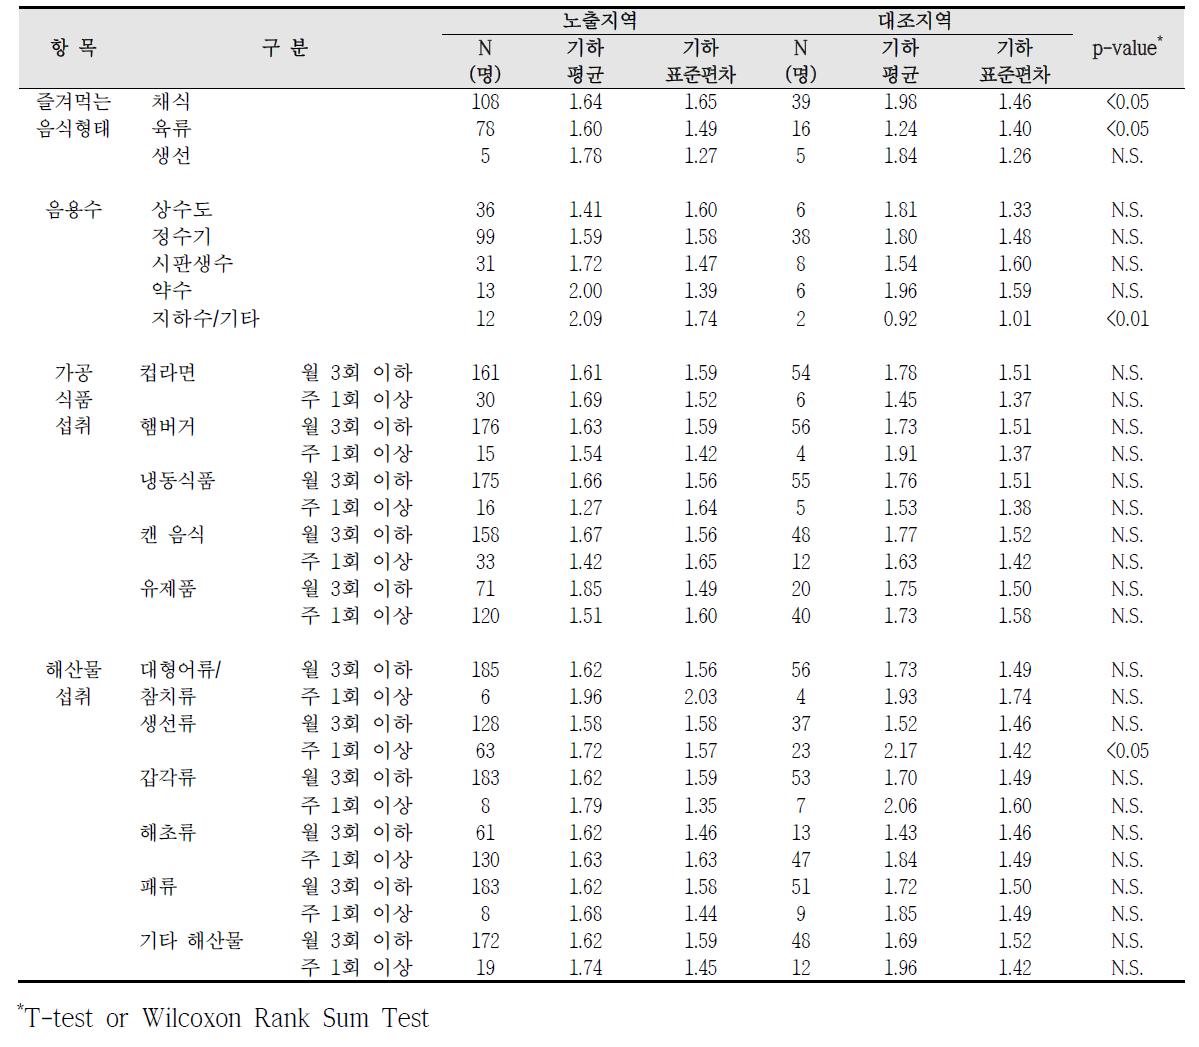 청주산업단지 식생활 습관에 따른 혈중 납 농도 비교